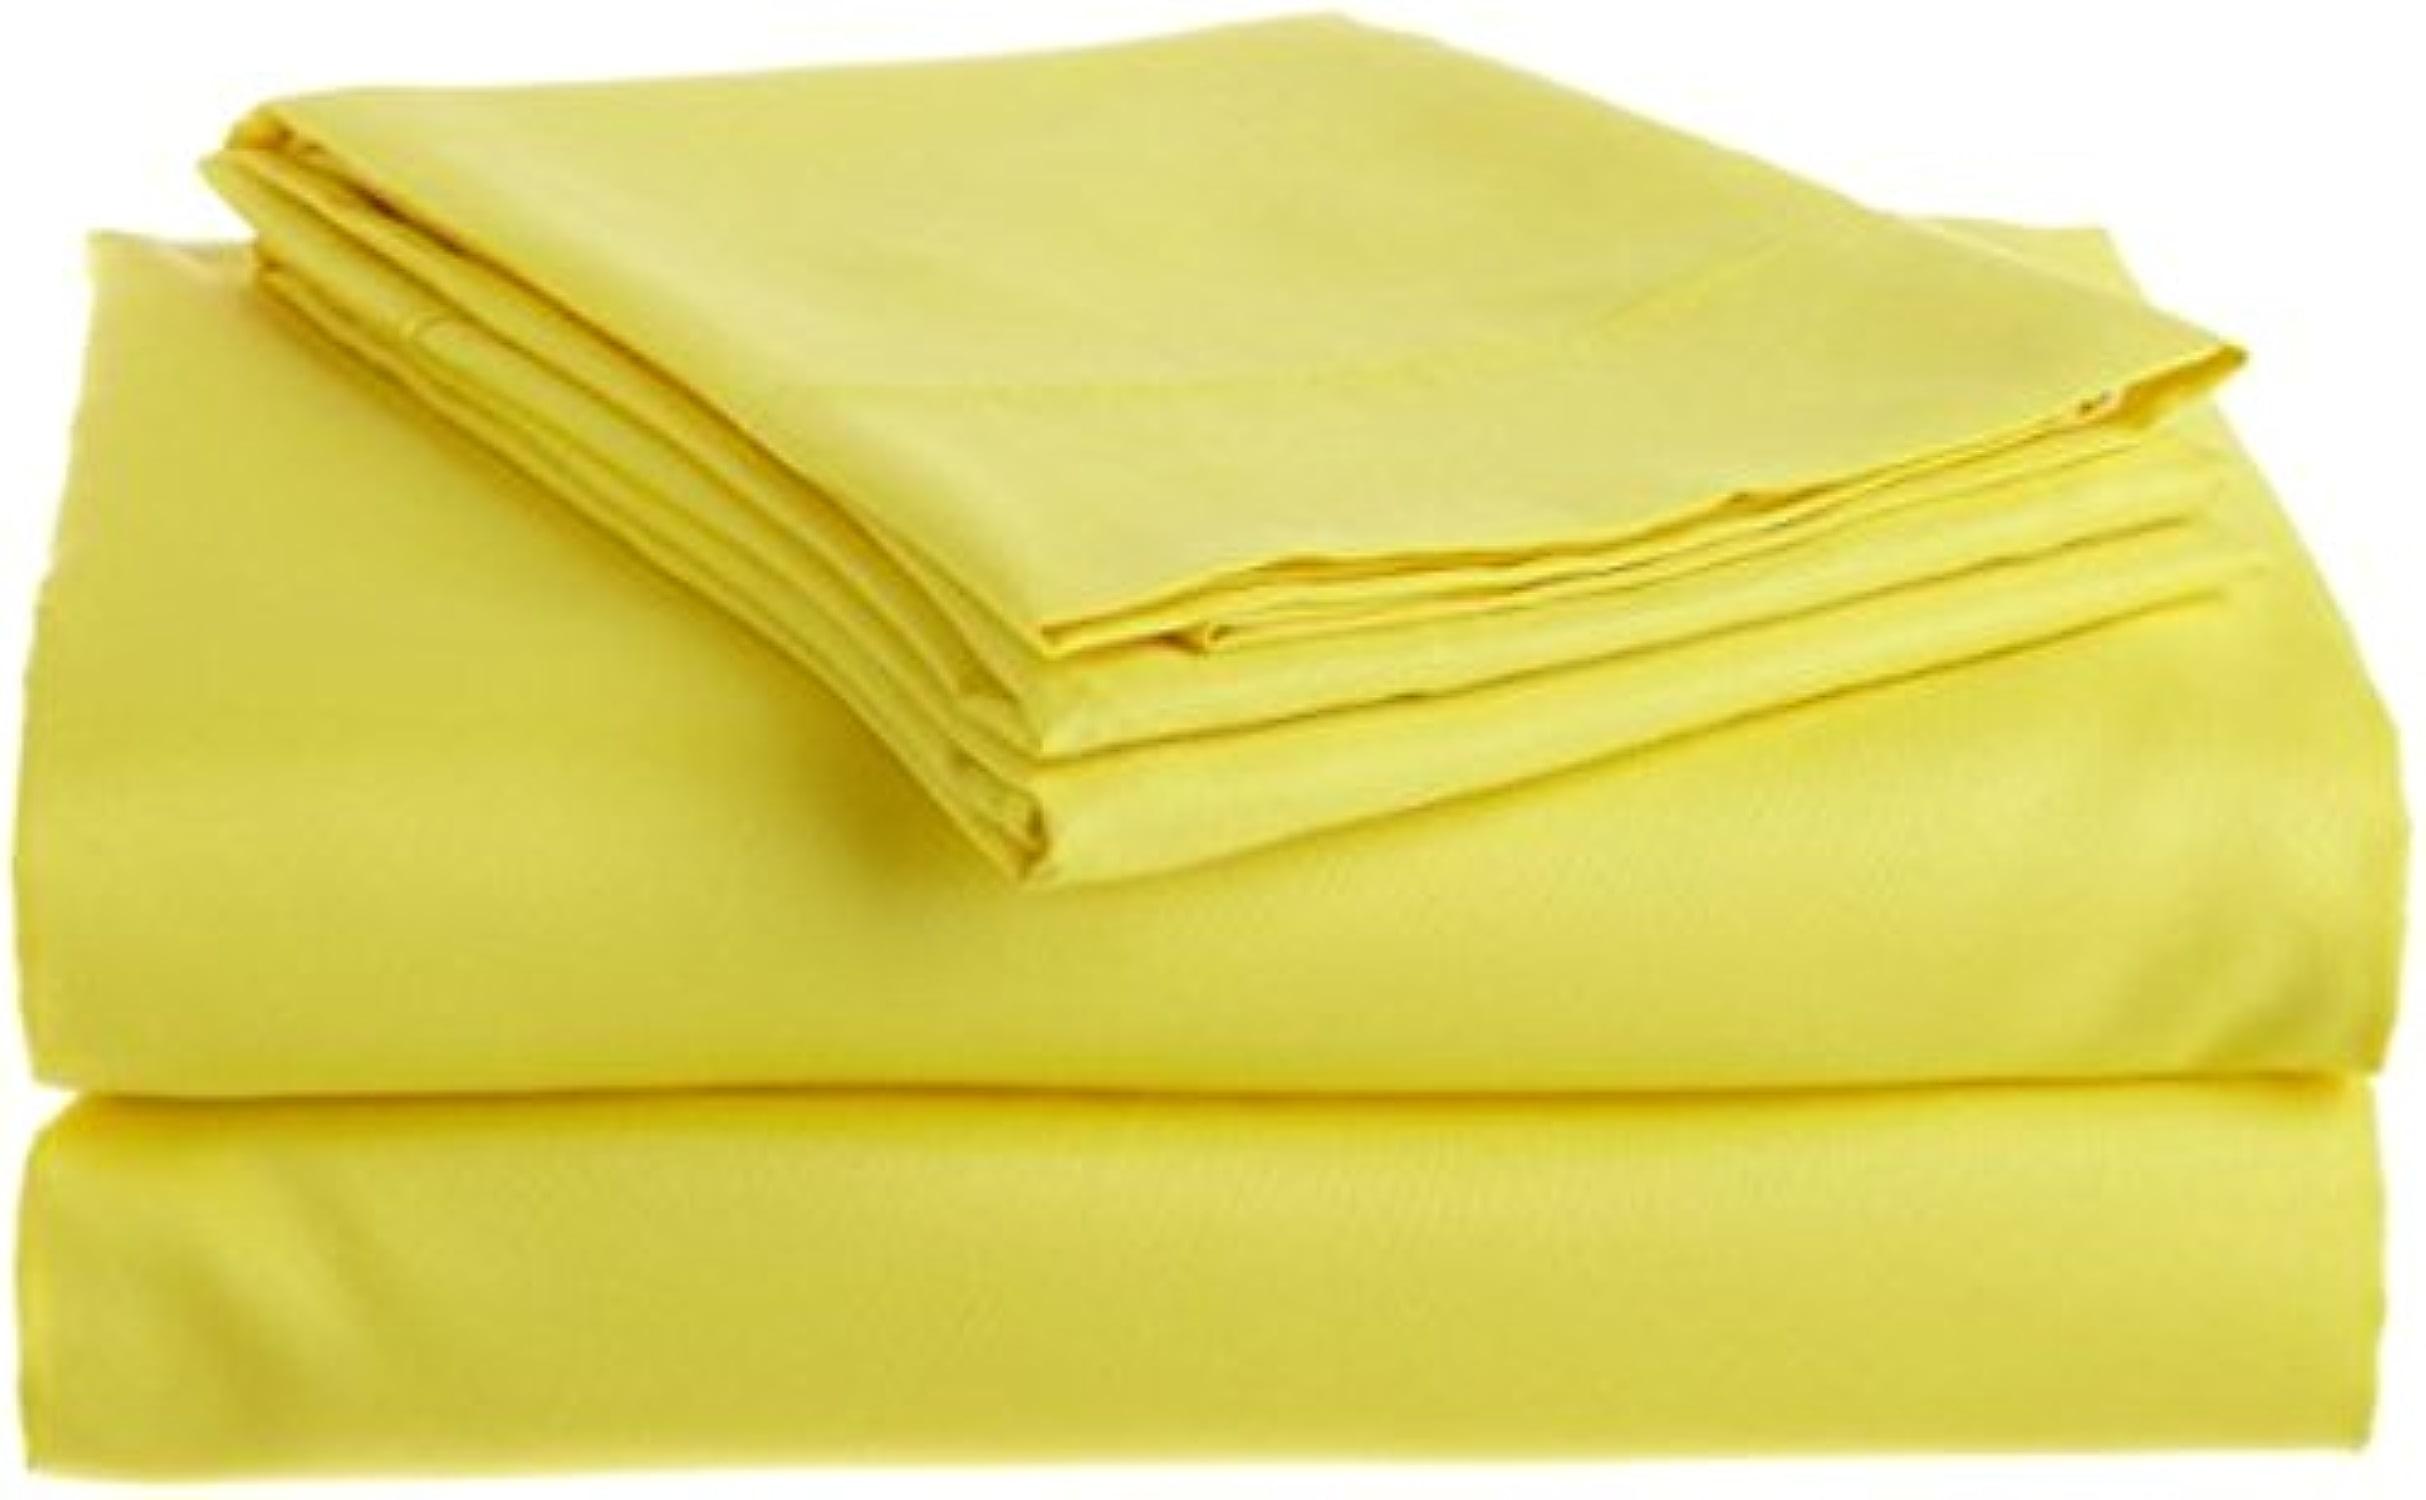 Dreamz Bedding Premium de qualité 600-thread-count Coton égypcravaten de lit 76,2cm Poche Profonde suppléHommestaire Euro Petite Taille Unique, Jaune, Solide, 600tc 100% Coton Parure de lit